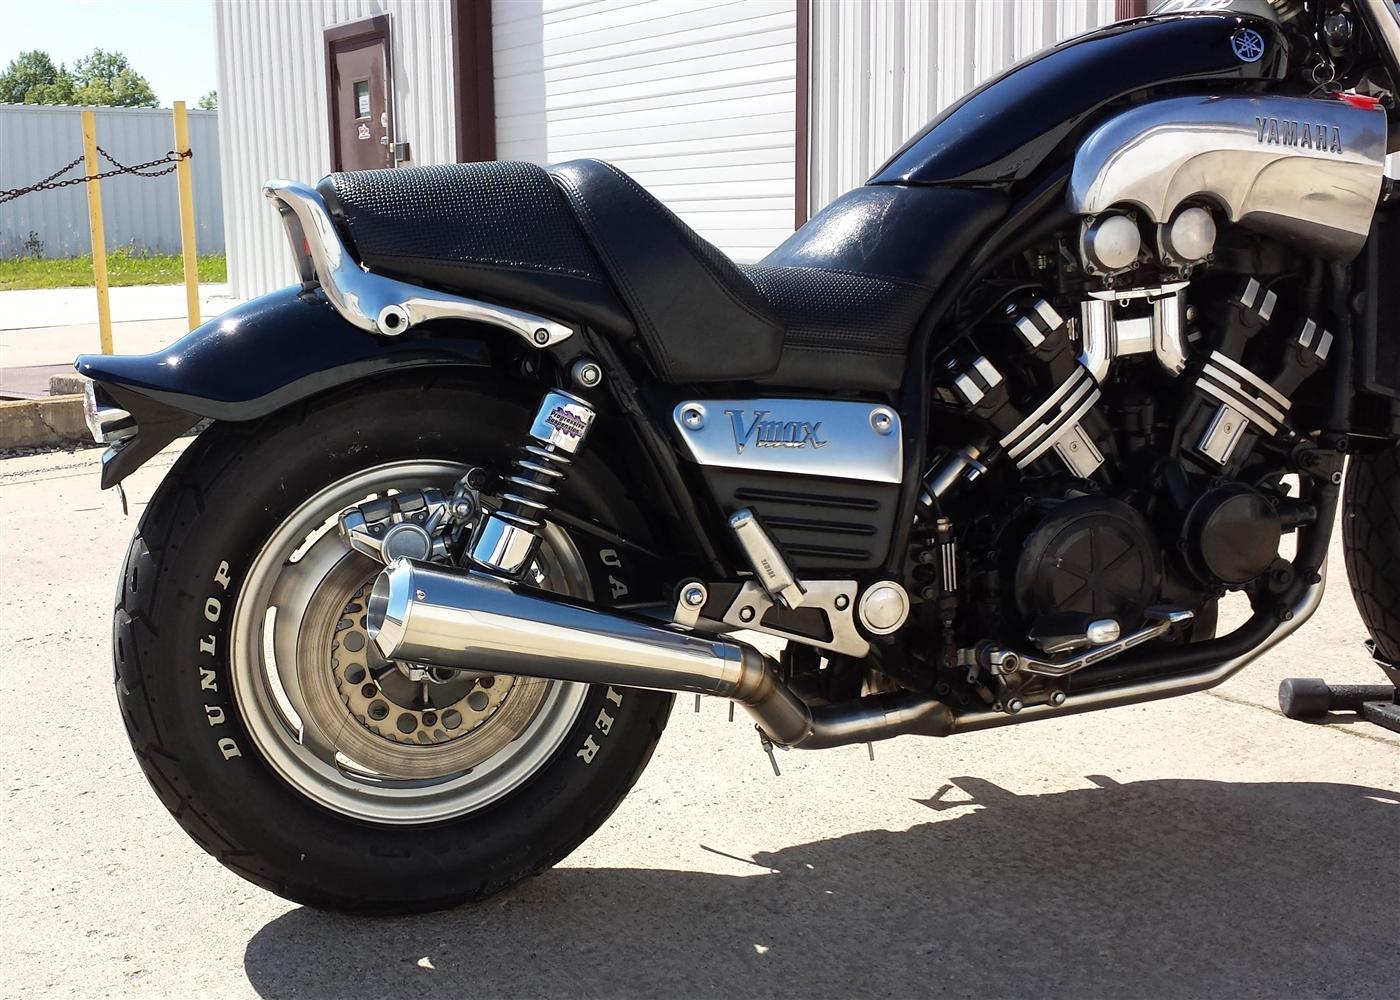 2004-2005 Kawasaki ZX-10R Exhaust VooDoo Shorty Slip On Muffler Polished